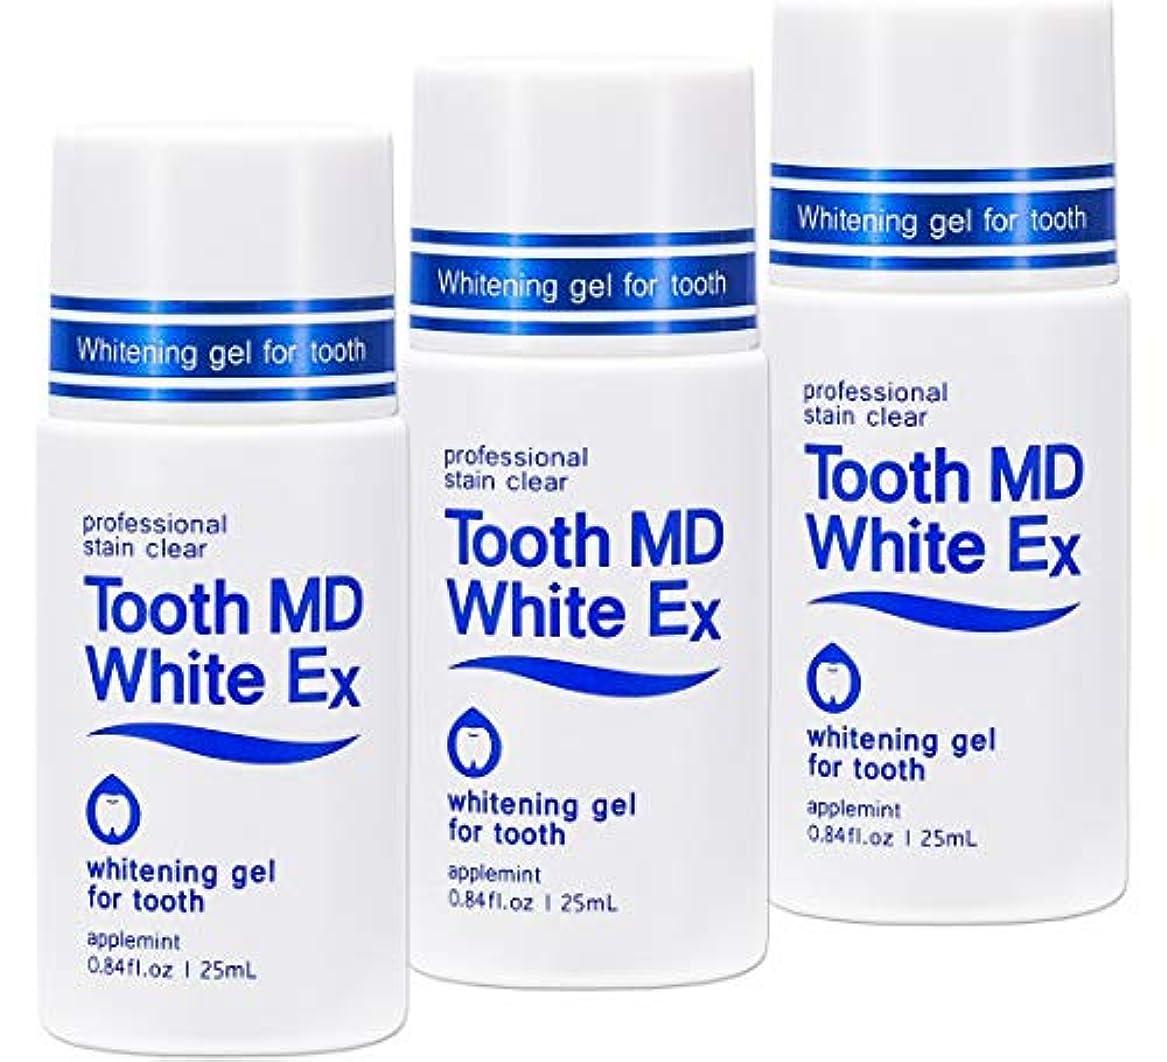 サイレン見積り位置するトゥースMDホワイトEX 3個セット [歯のホワイトニング] 専用歯ブラシ付き